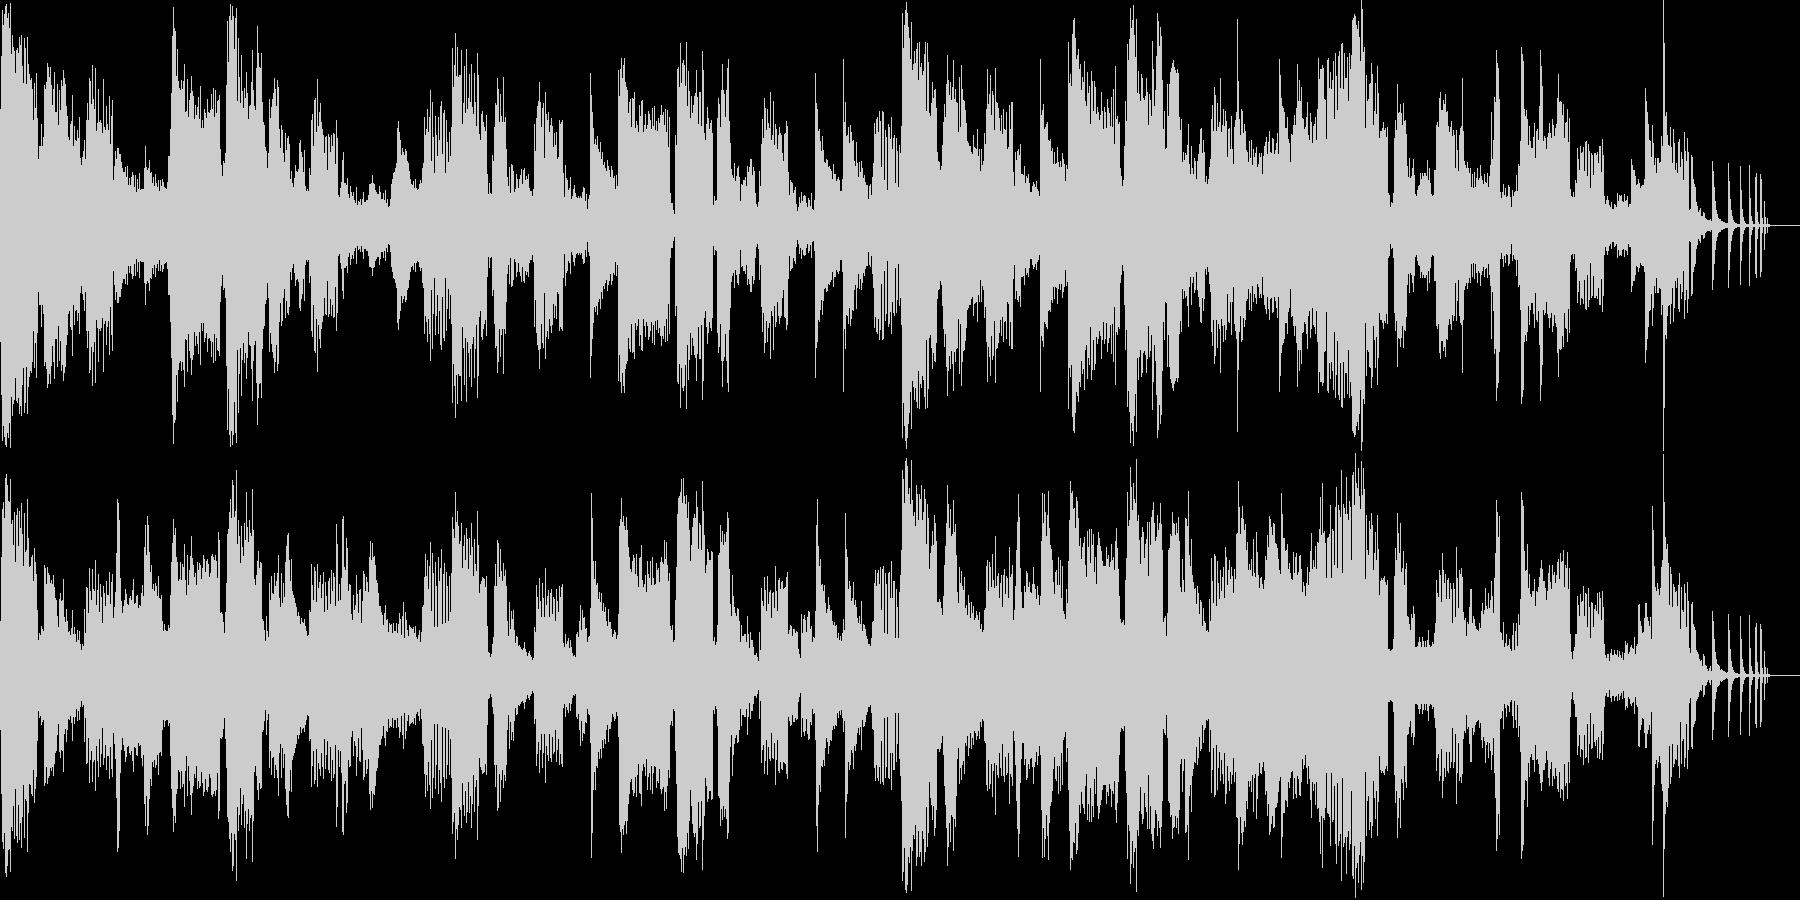 「和」のイメージと電子音で作った楽曲の未再生の波形